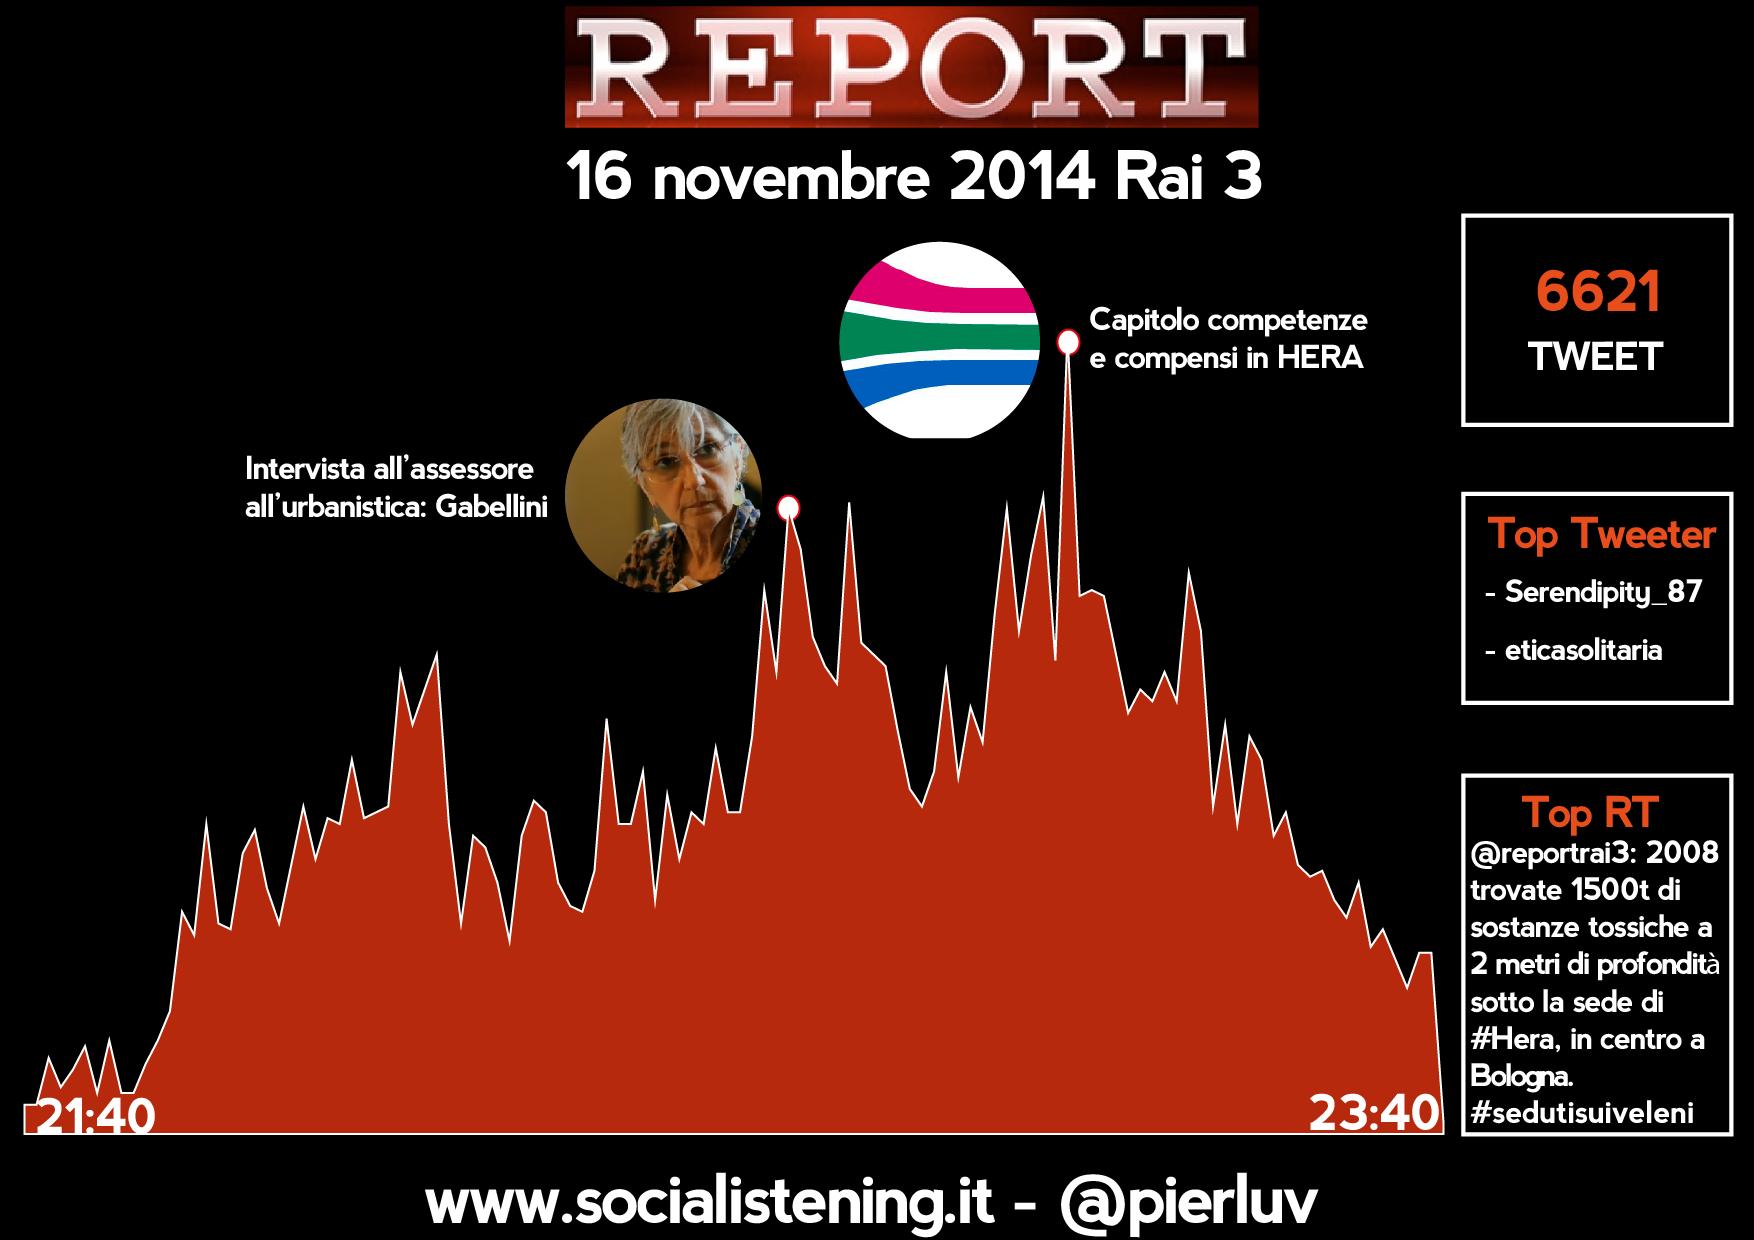 analisi flusso interazioni e contenuti report 16 novembre